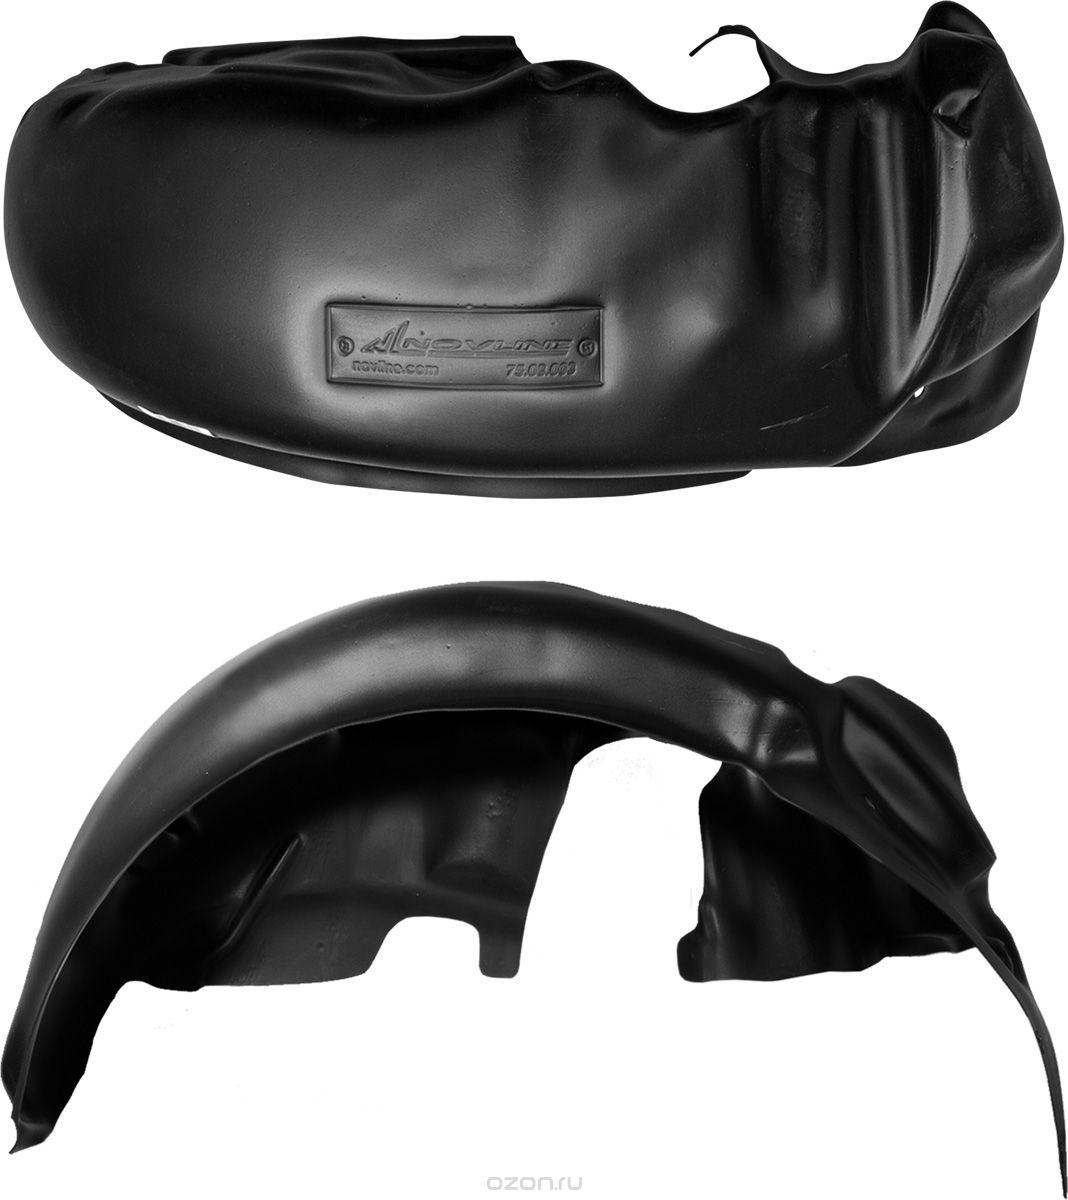 Подкрылок Novline-Autofamily, для УАЗ Hunter, 11/2003->, задний левыйNLL.54.06.003Идеальная защита колесной ниши. Локеры разработаны с применением цифровых технологий, гарантируют максимальную повторяемость поверхности арки. Изделия устанавливаются без нарушения лакокрасочного покрытия автомобиля, каждый подкрылок комплектуется крепежом. Уважаемые клиенты, обращаем ваше внимание, что фотографии на подкрылки универсальные и не отражают реальную форму изделия. При этом само изделие идет точно под размер указанного автомобиля.